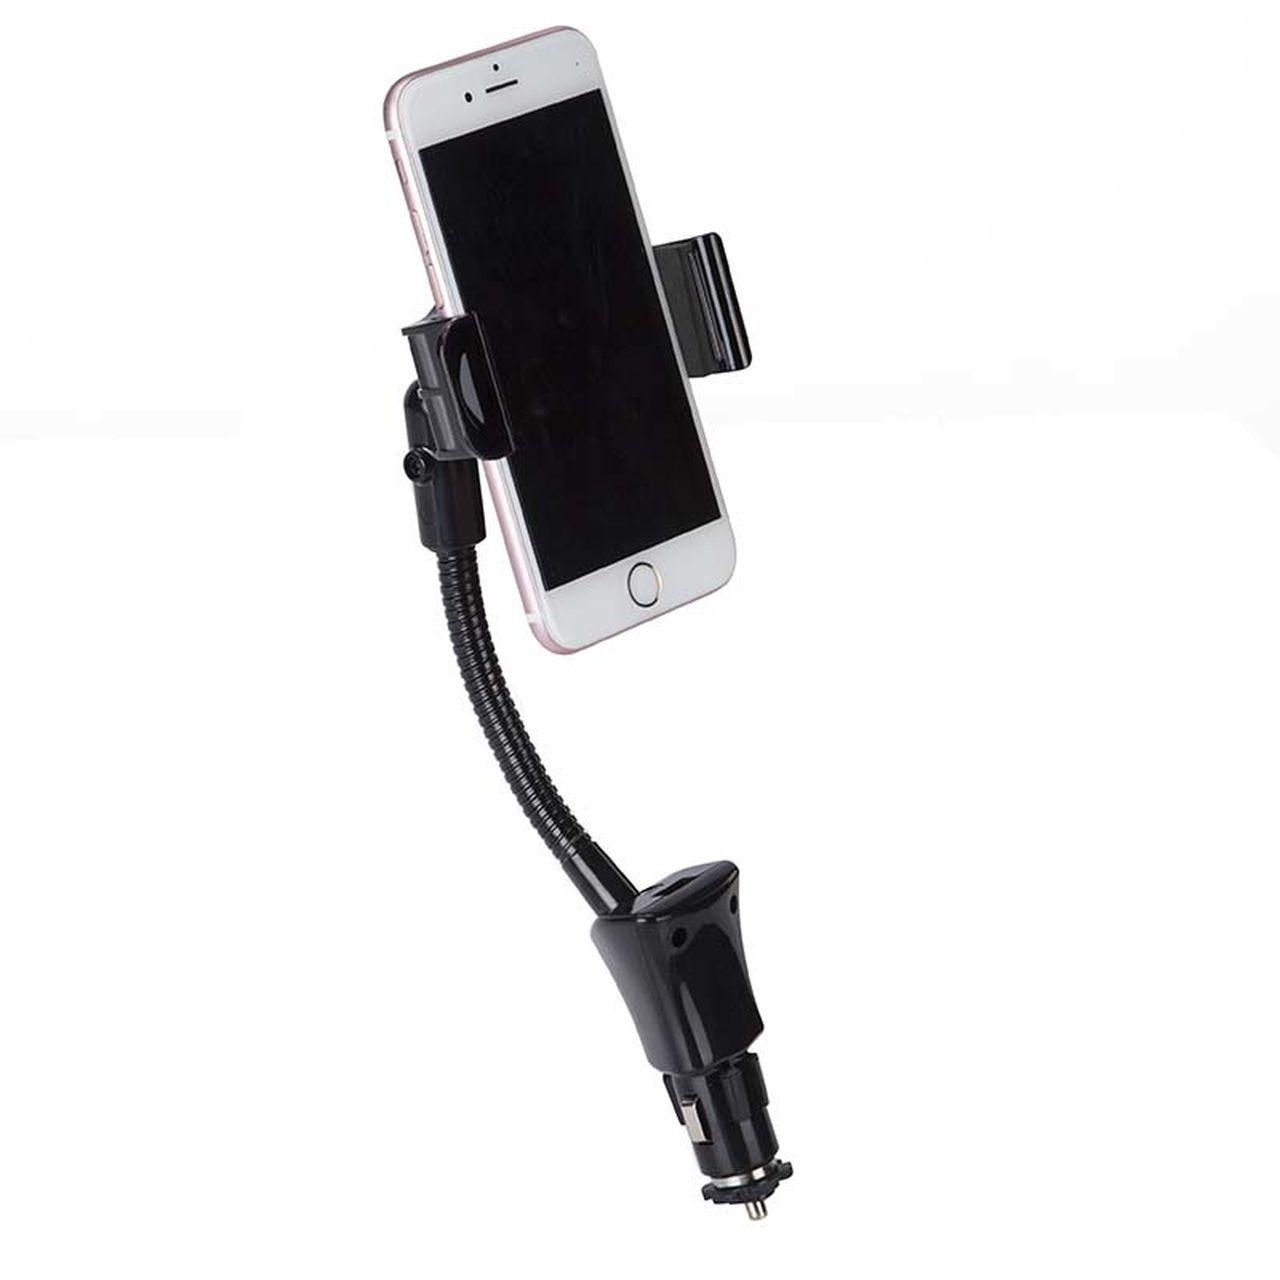 Suporte Veicular Com Carregador Gps Smartphone Bright 431